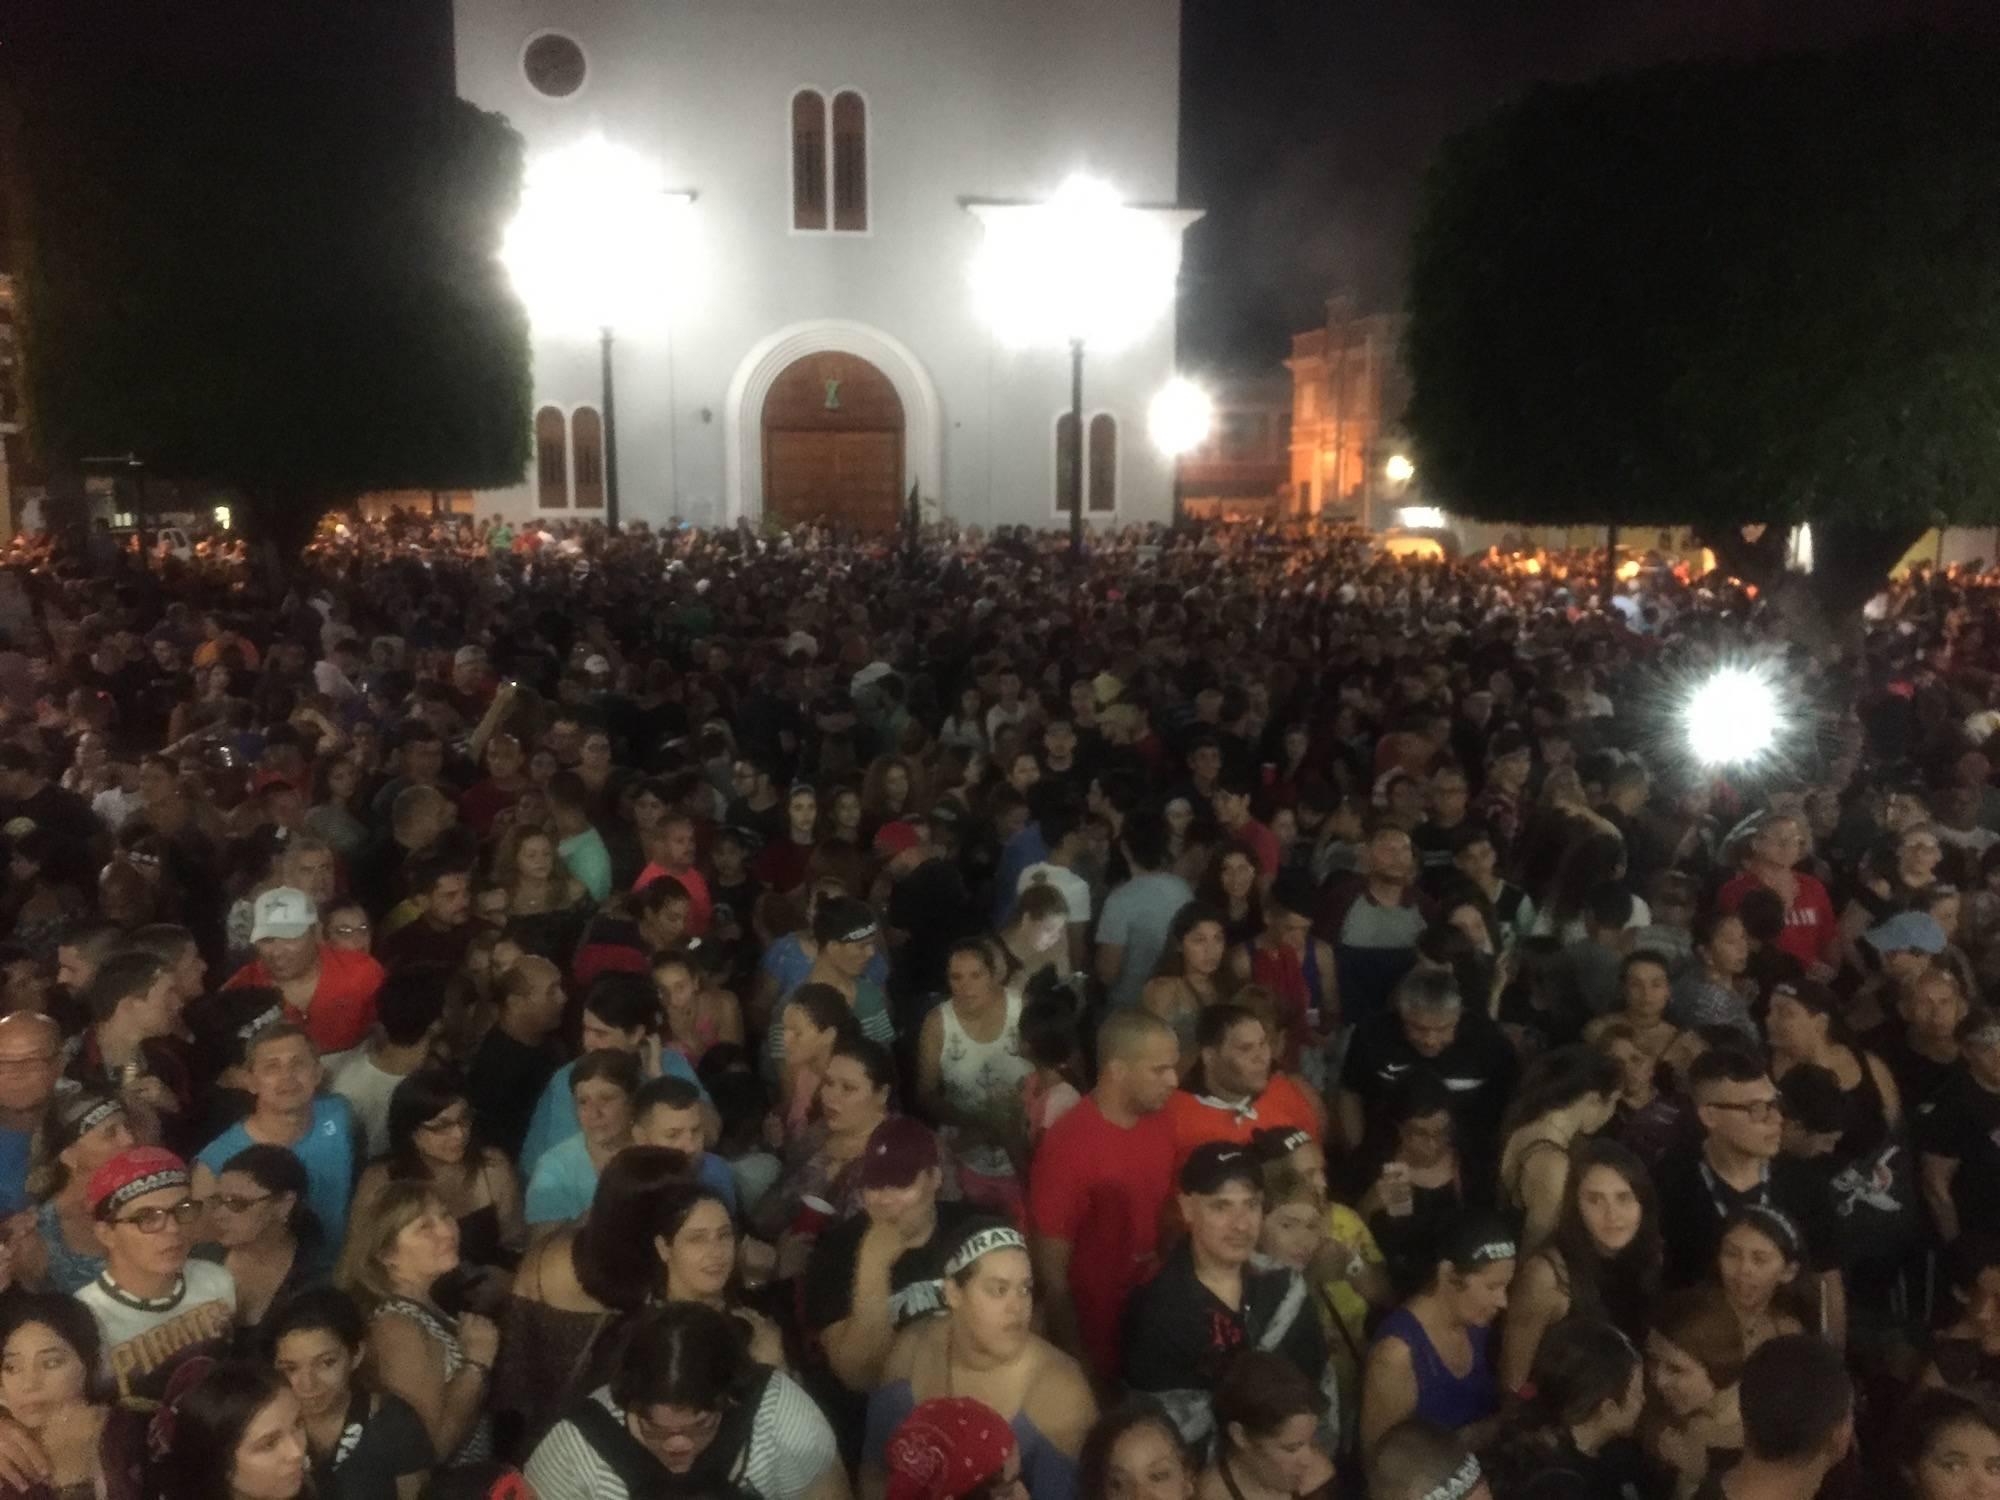 Los quebradillanos abarrotaron la Plaza Pública del municipio, para celebrar el campeonato de los Piratas luego del juego el miércoles. / David Cordero Mercado